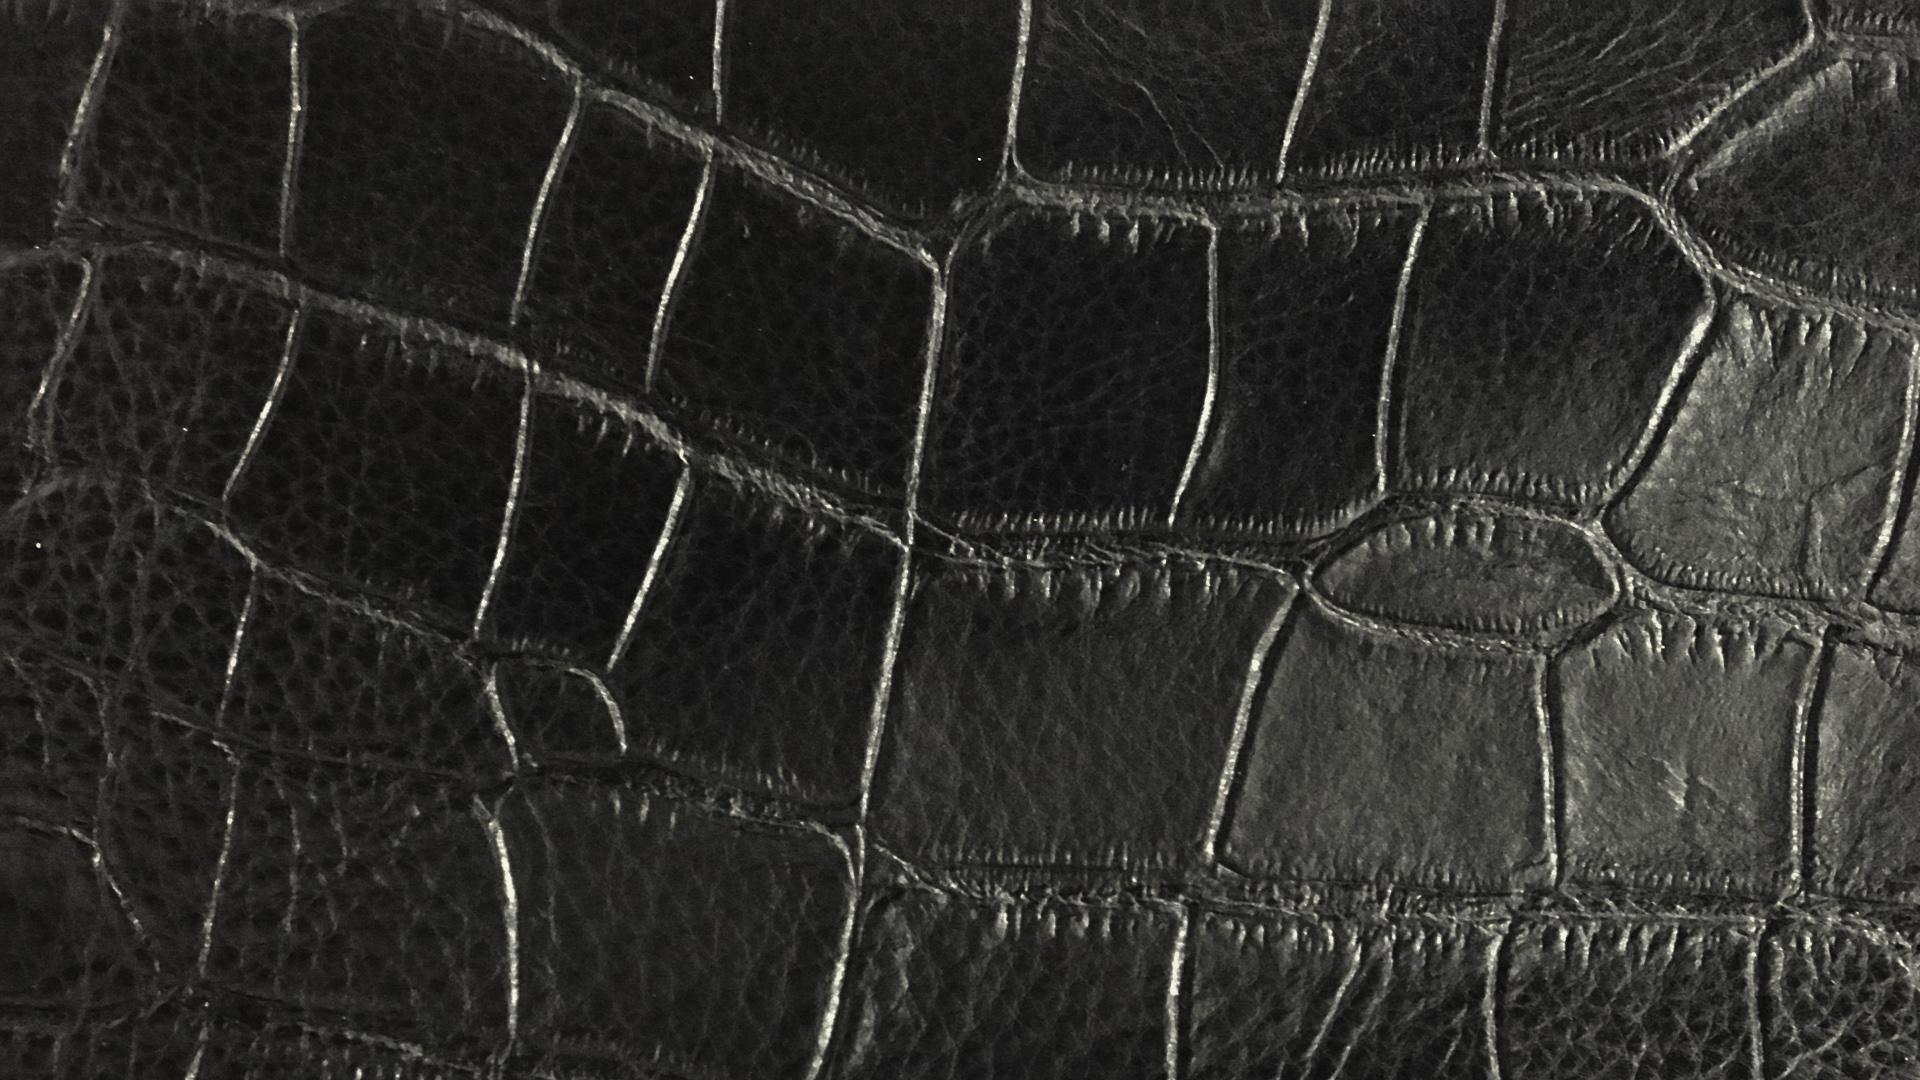 【メンズ】クロコダイル革財布のおすすめブランド6選!歴史と定評で選ぼう!